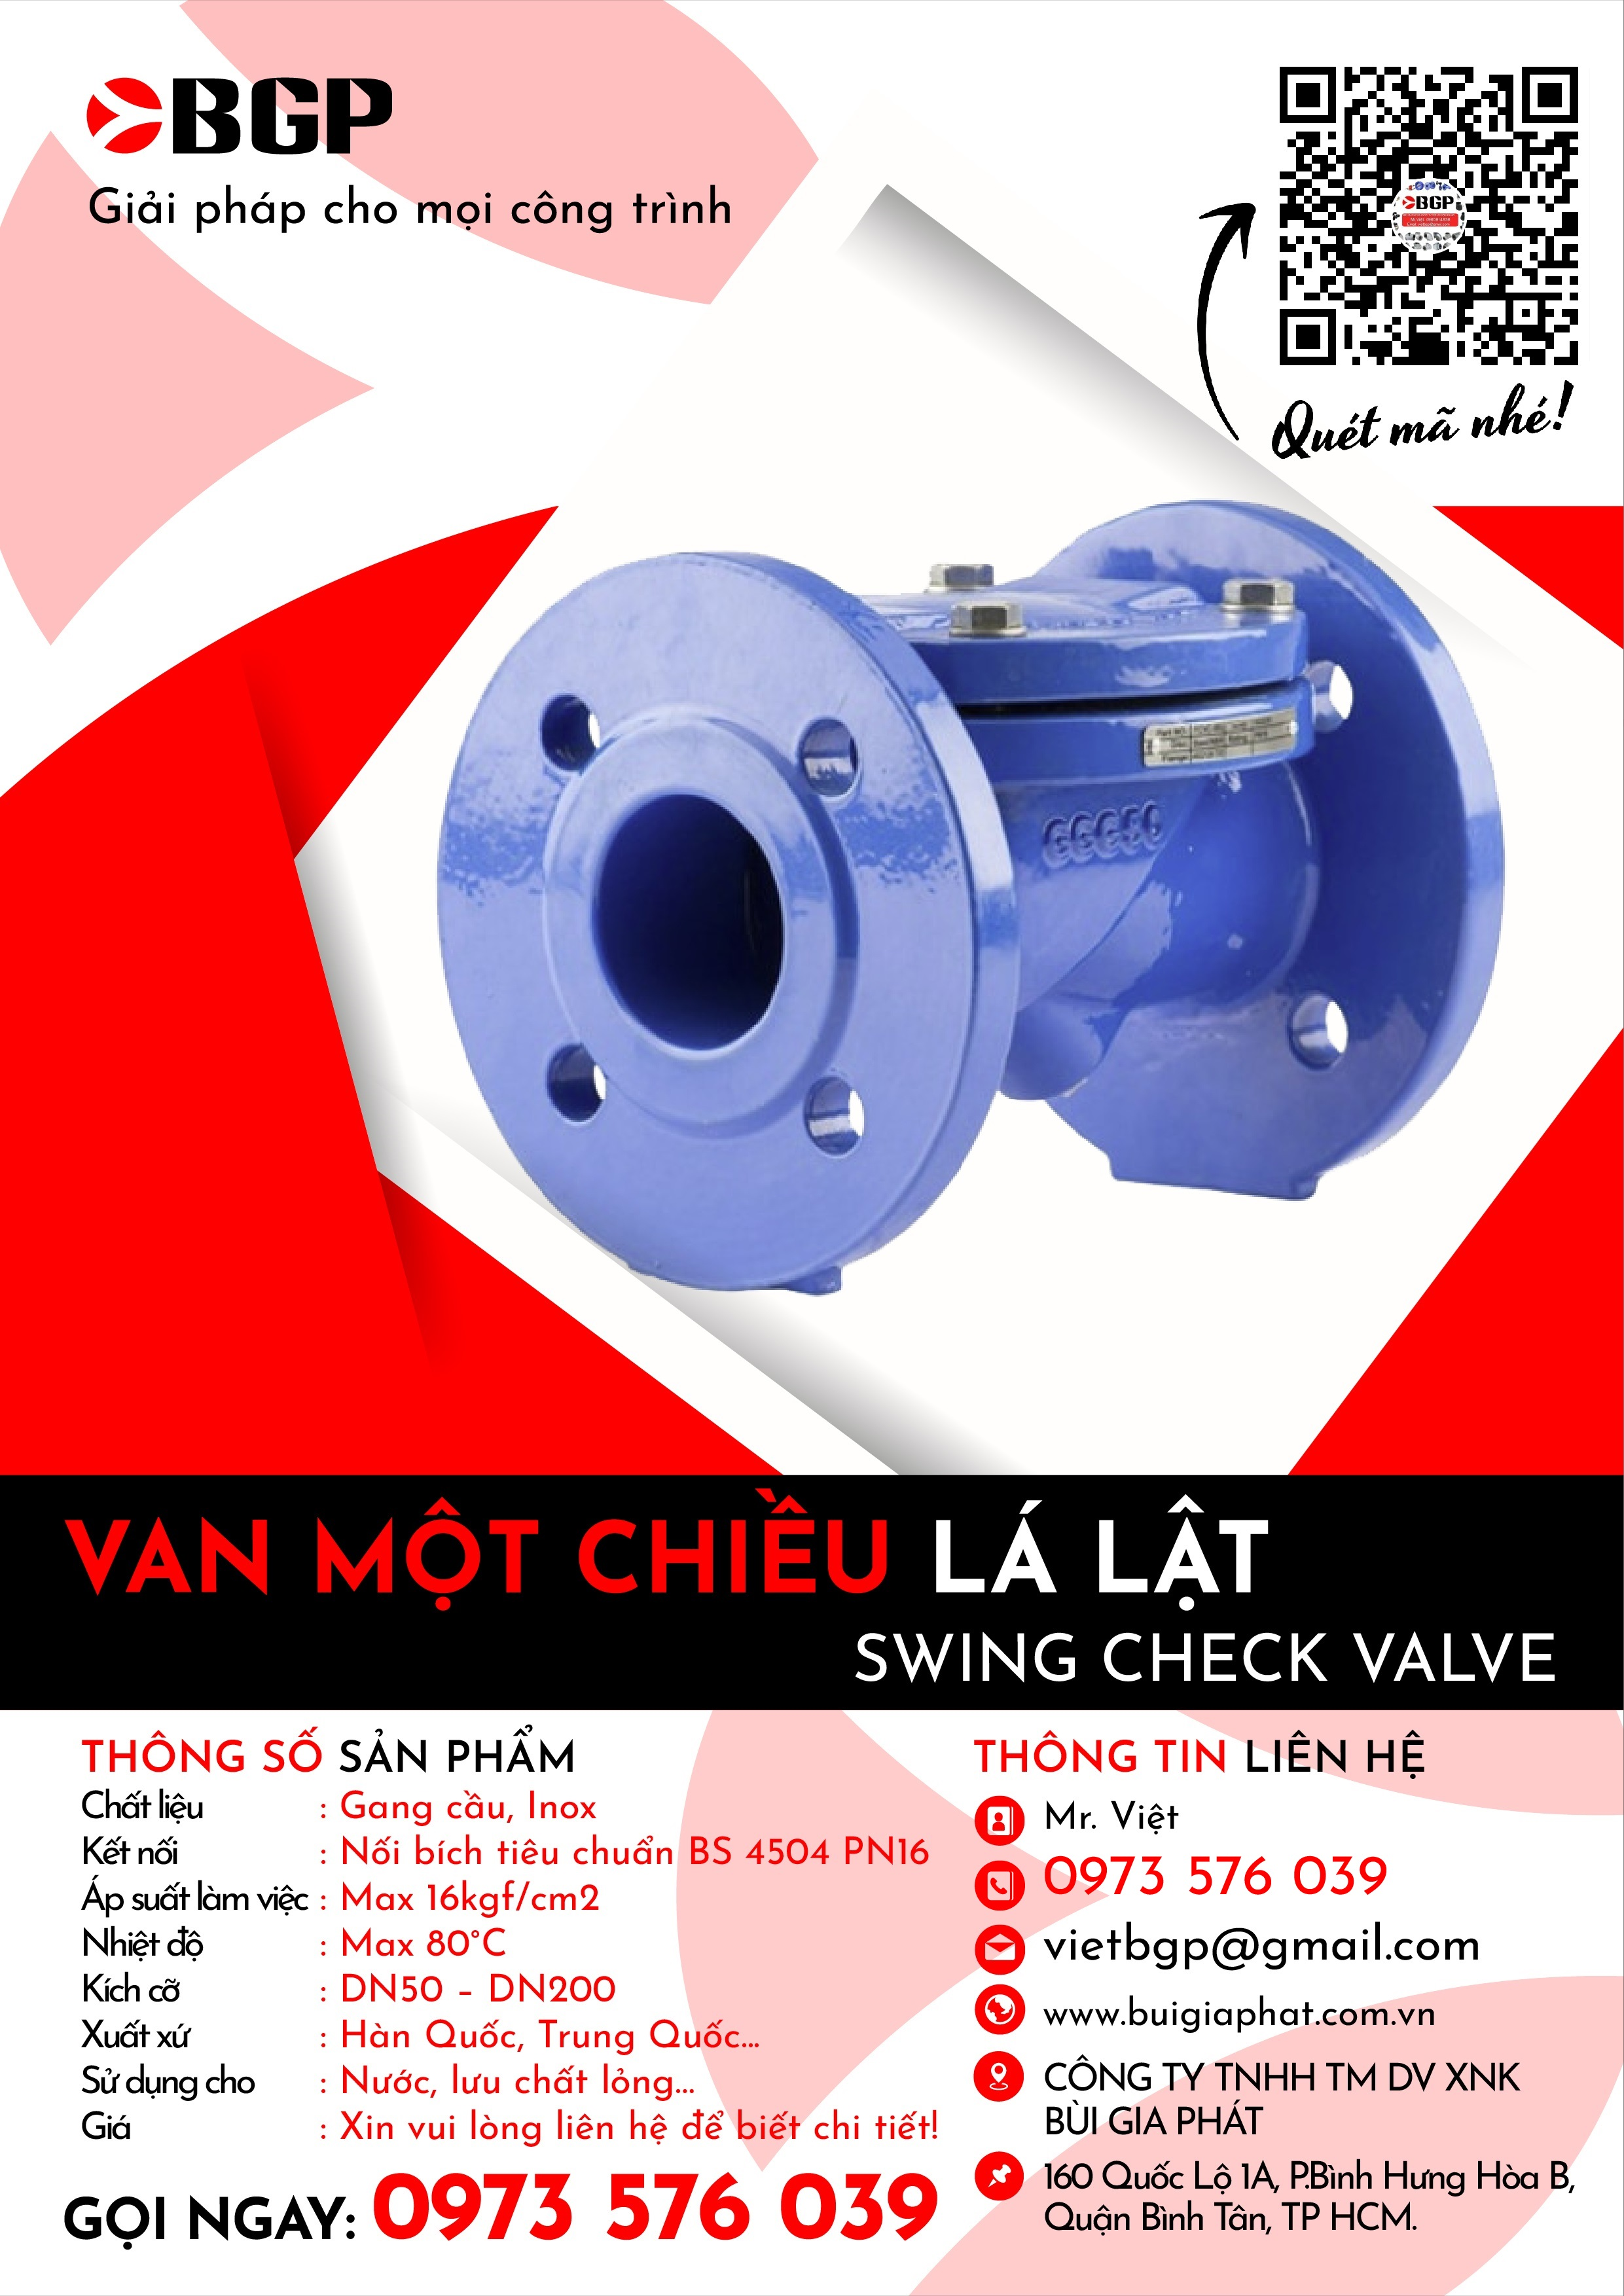 Van một chiều lá lật - Swing check valve